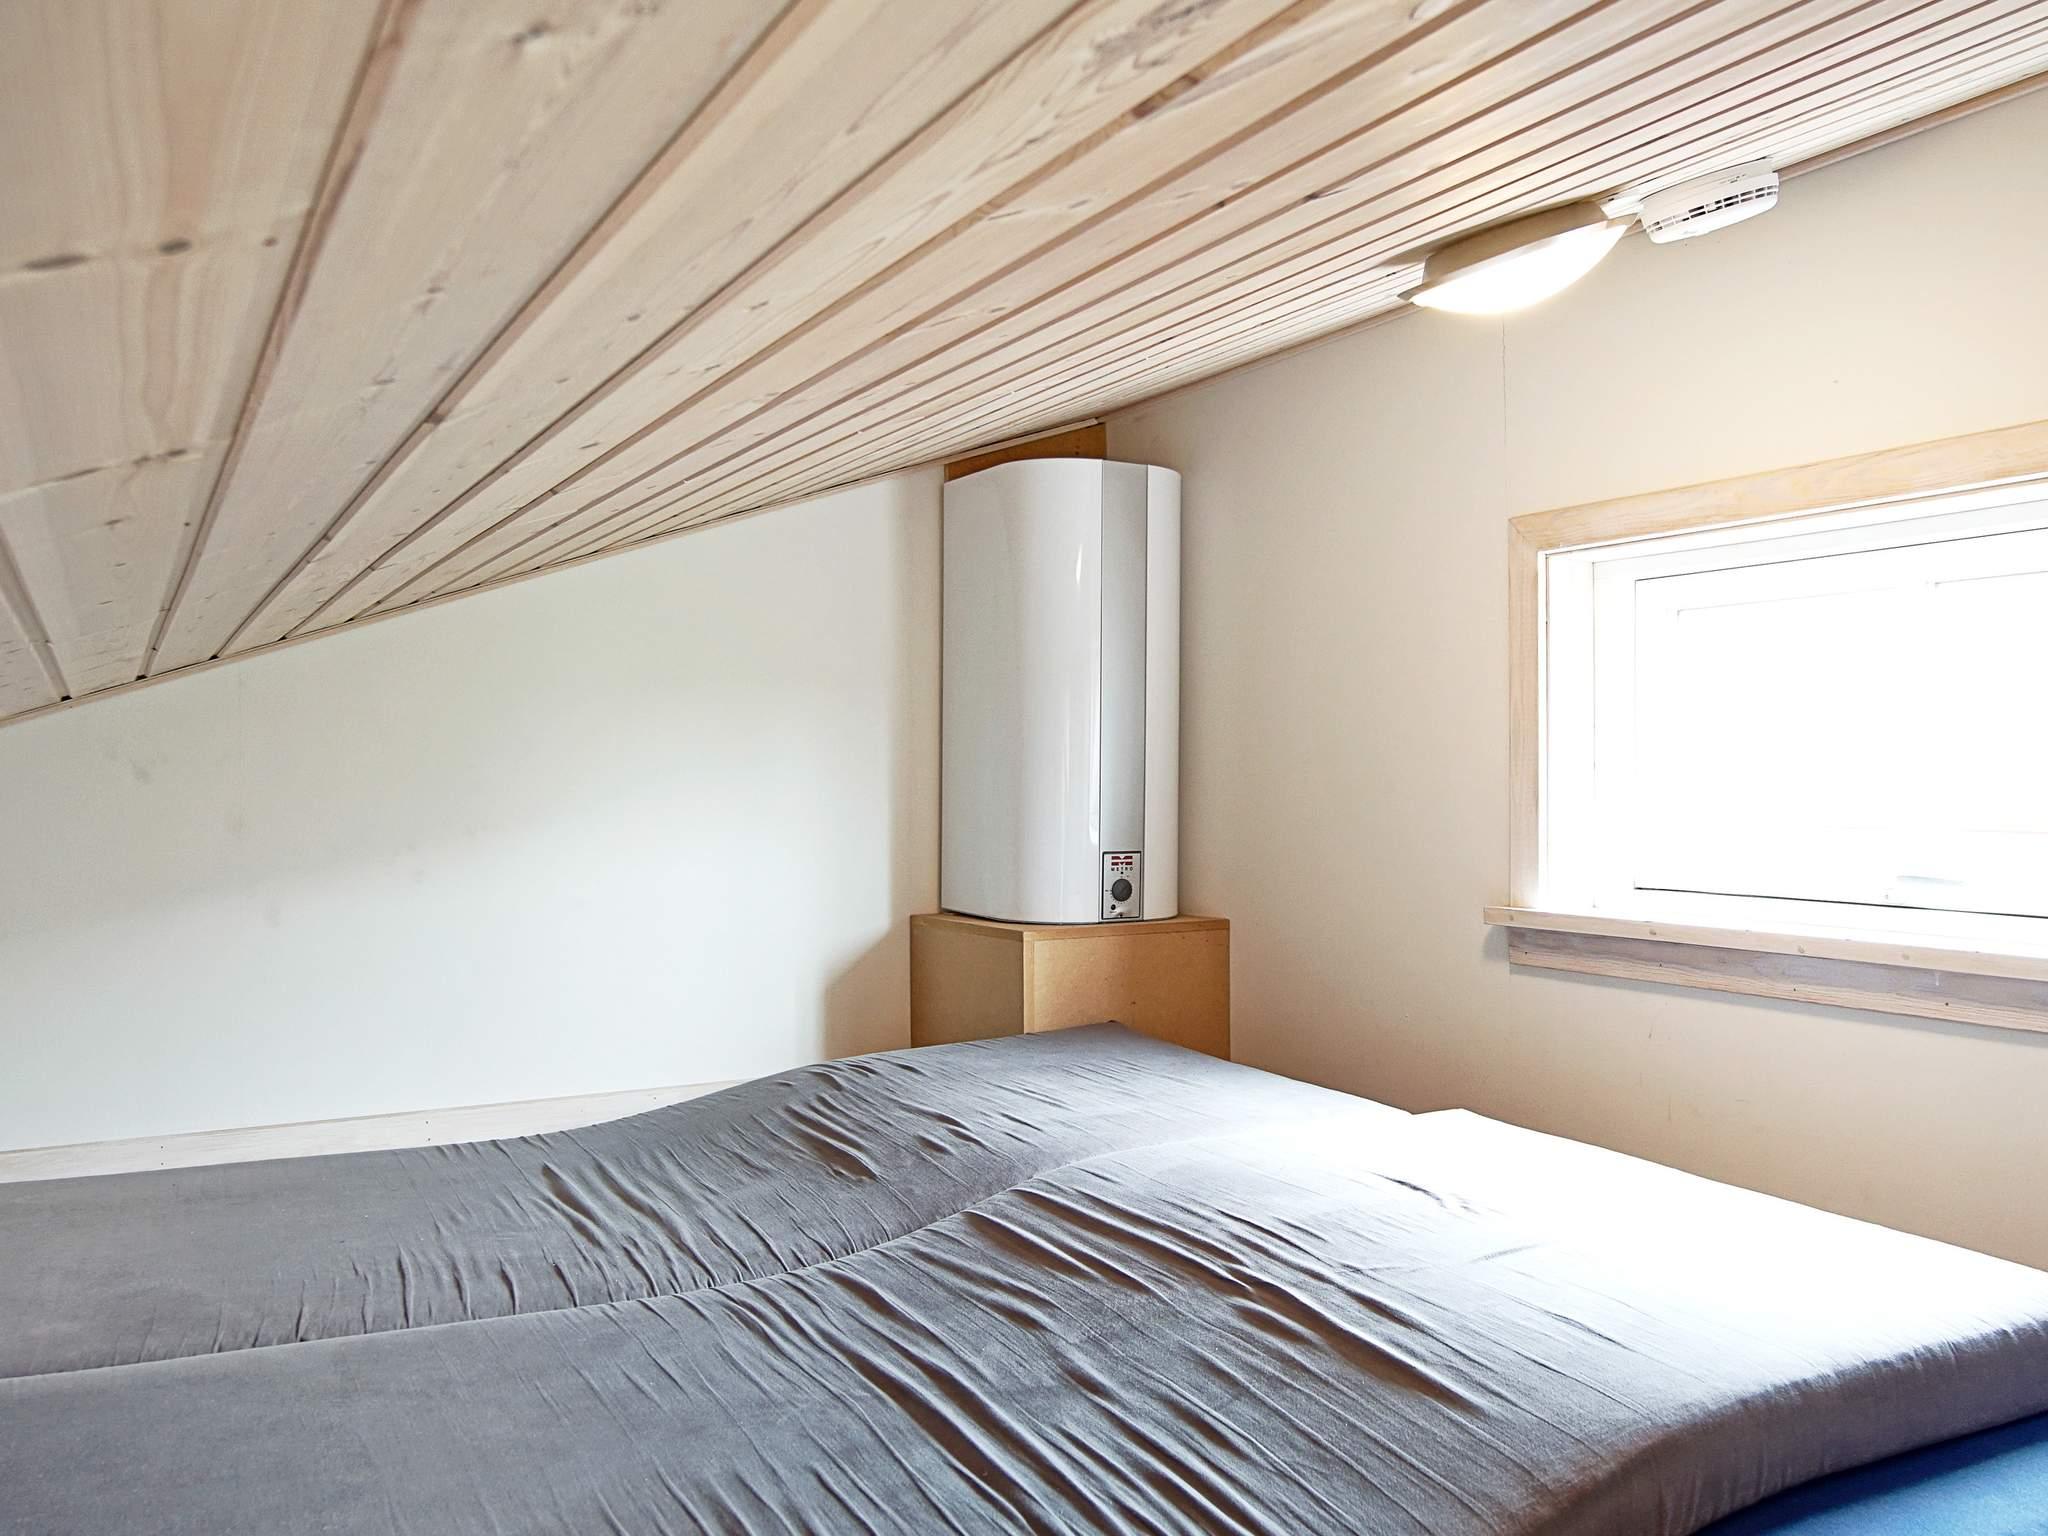 Ferienhaus Rø/Gudhjem (251662), Gudhjem, , Bornholm, Dänemark, Bild 10